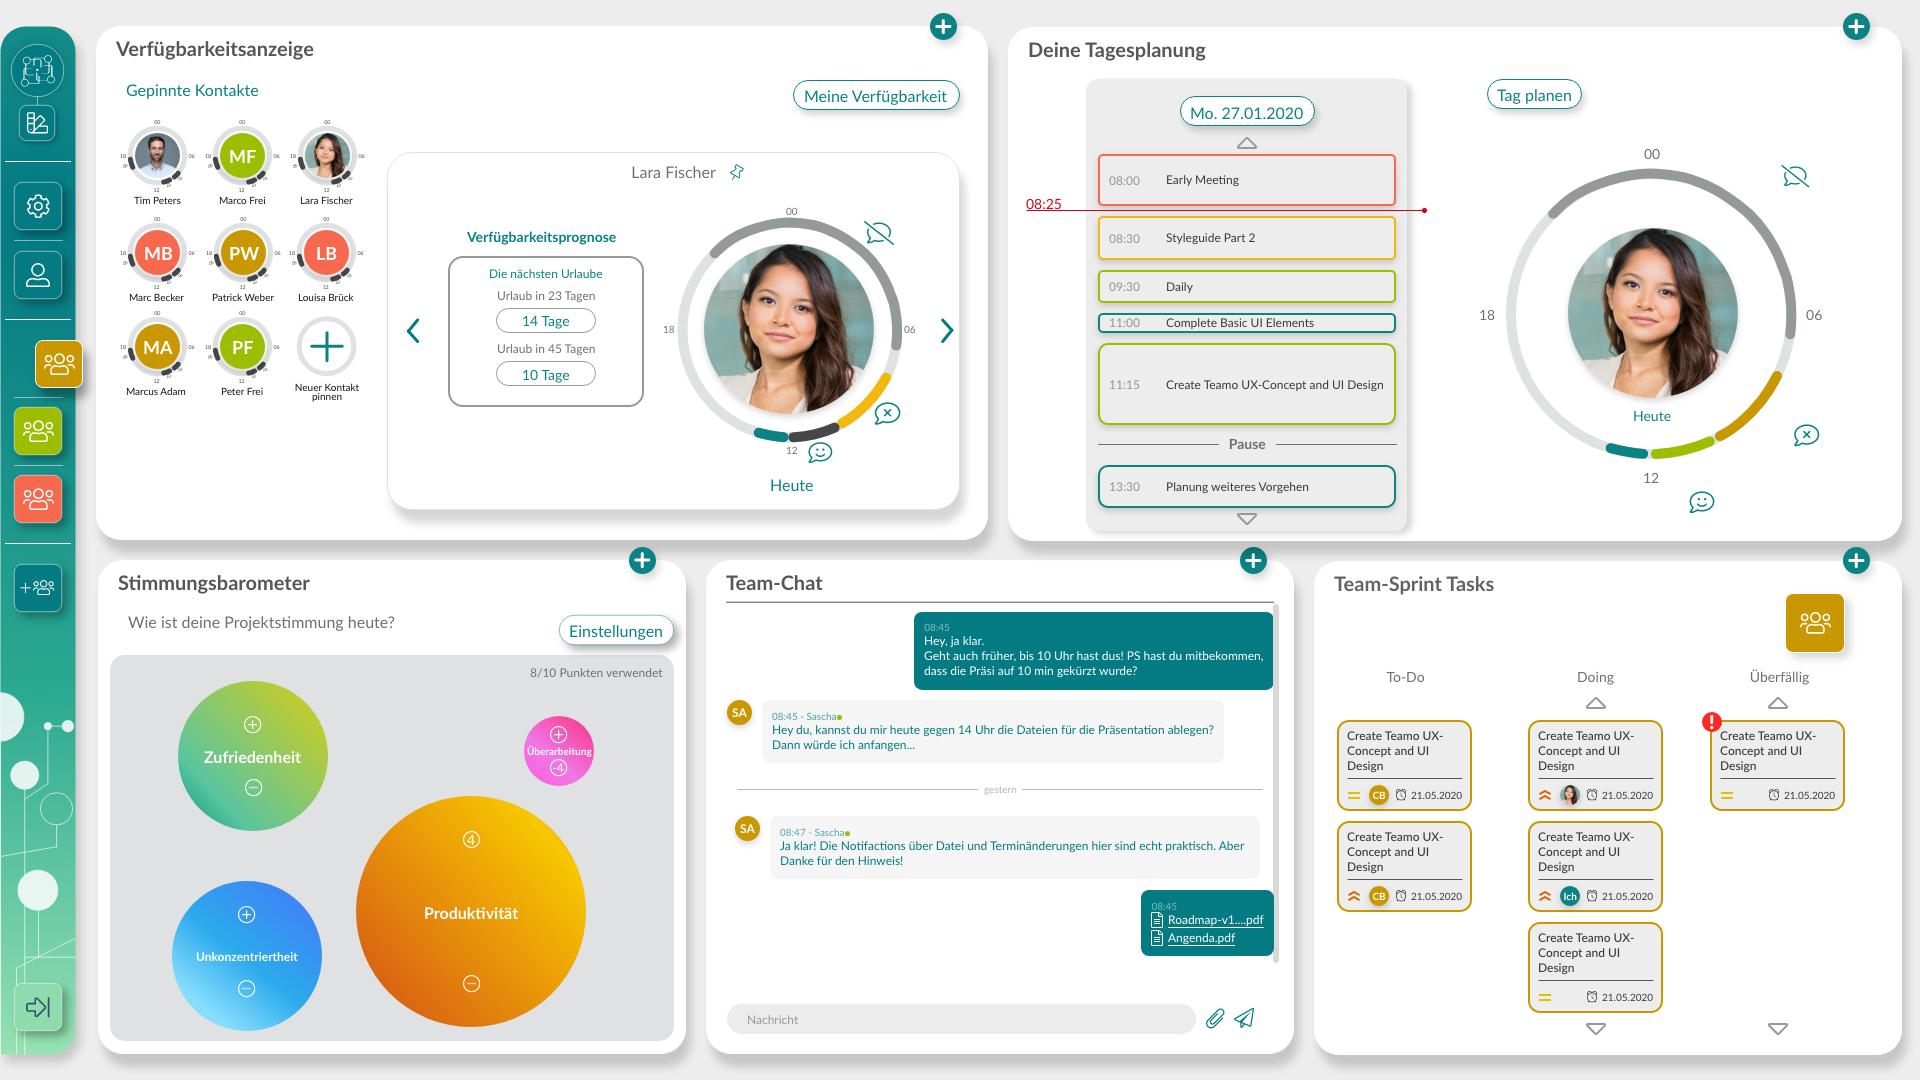 Team Dashboard in »Digitale Teams« - alles Wichtige im Blick. Zu sehen sind in dieser Variante die Verfügbarkeit von Team-Kolleginnen und -Kollegen für Besprechungen, die eigene Tagesplanung, das Team-Stimmungsbarometer, der laufende Teamchat sowie die Datei-Ablage des Projekts, an dem das Team gerade arbeitet.